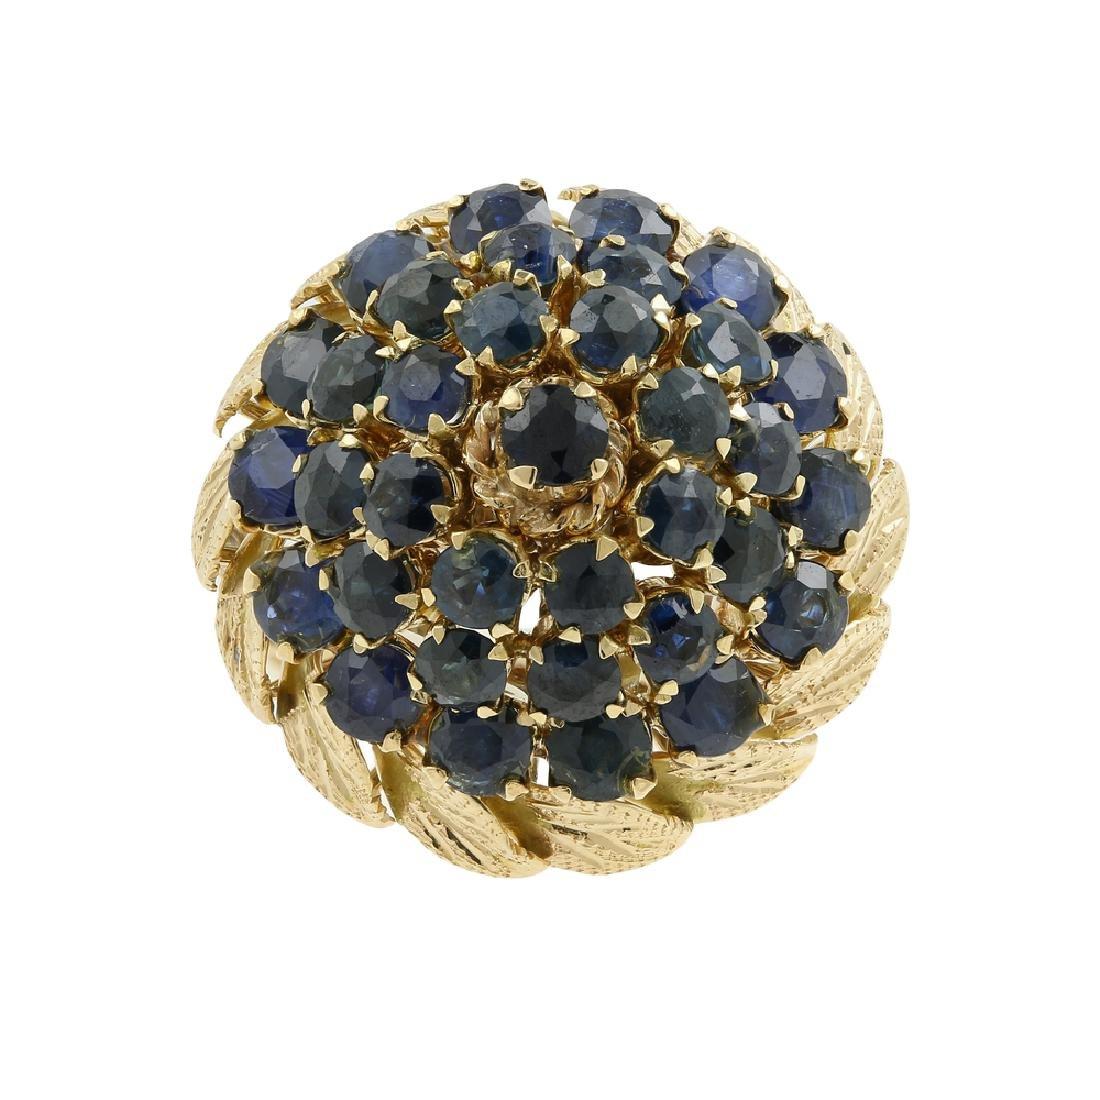 Vintage Estate 14K Yellow Gold Blue Spinel Cluster